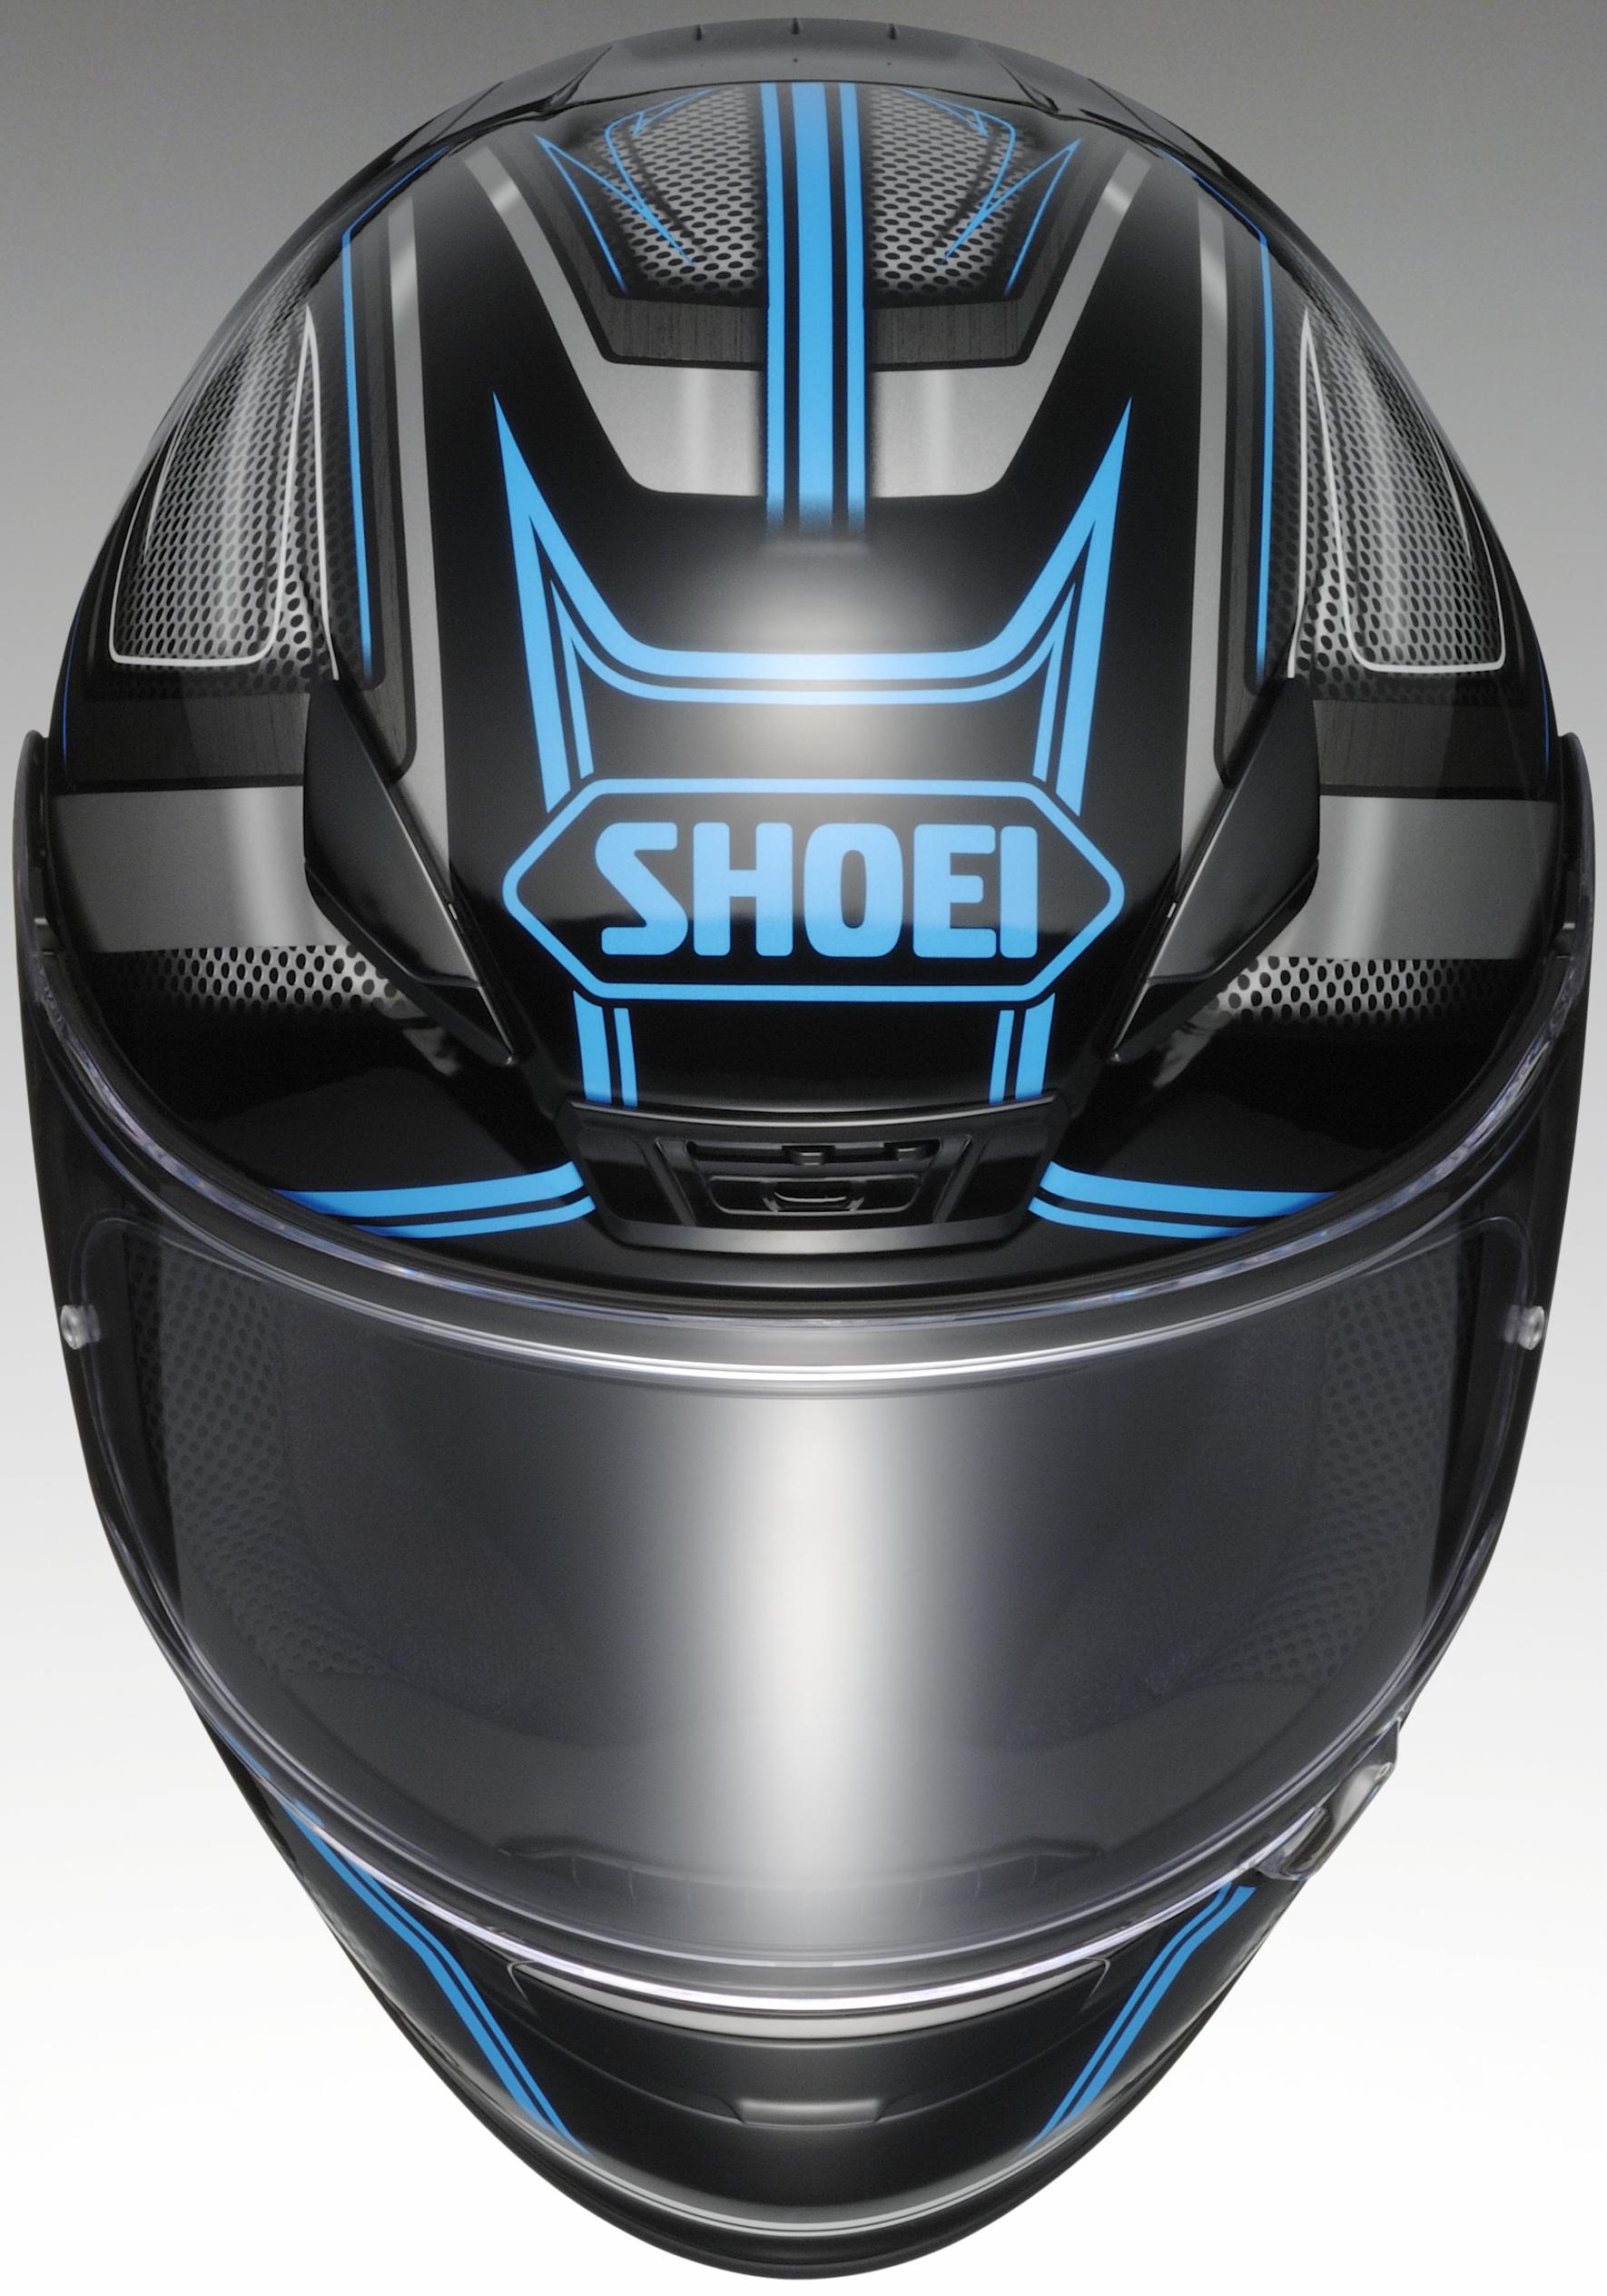 Helmet Decals Motorcycle Graphics The Best Helmet - Motorcycle helmet decals graphicsmotorcycle helmet graphics the easy helmet upgrade